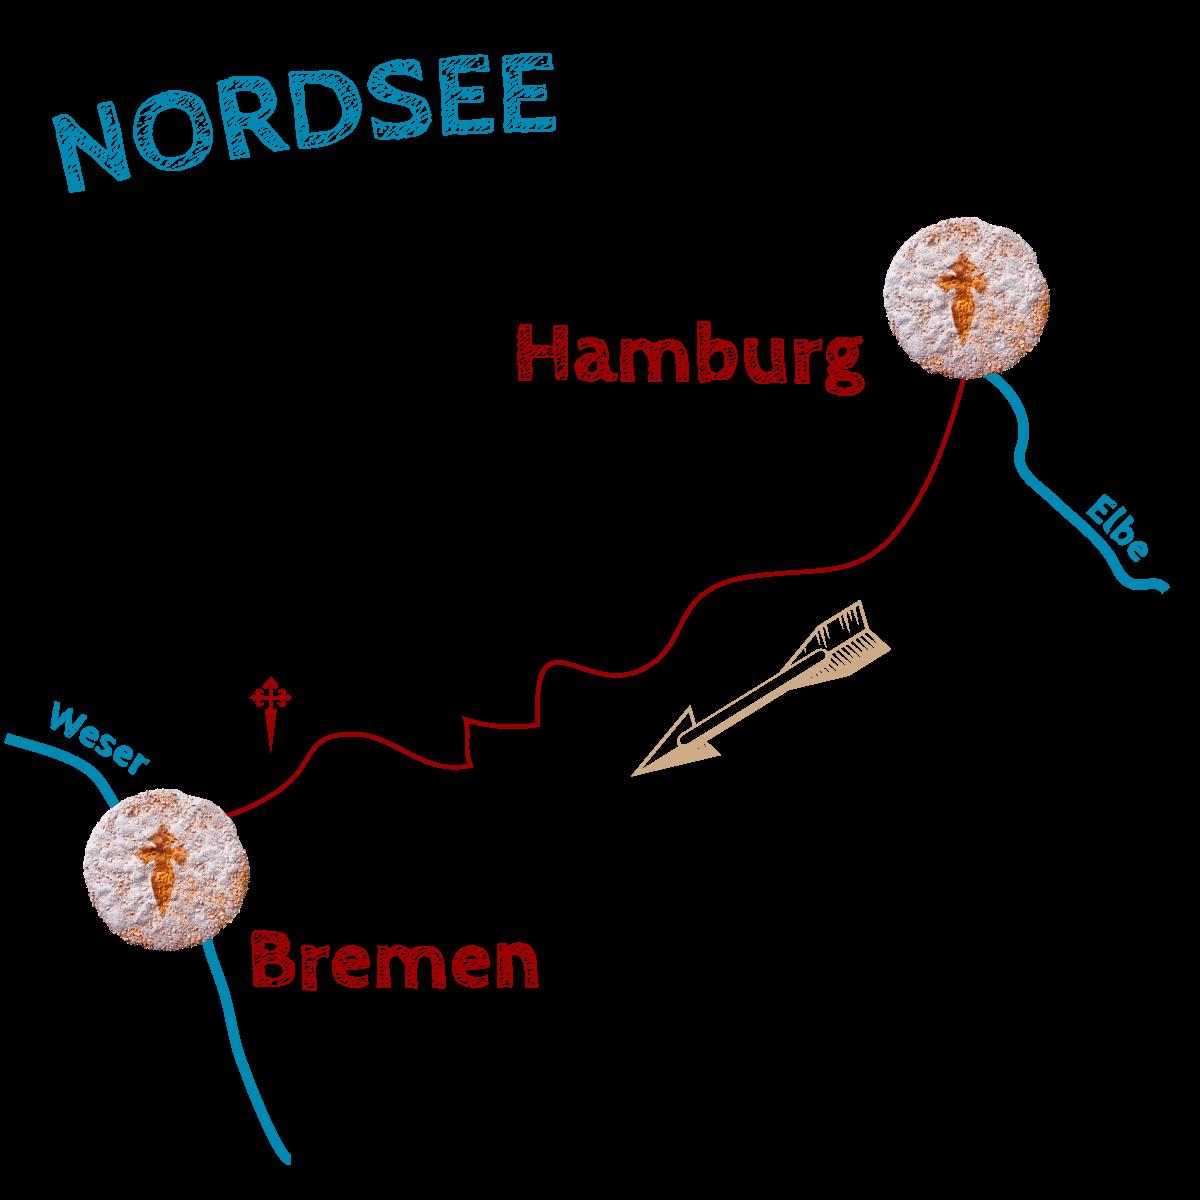 Wegegrafik-Hamberug-Bremen